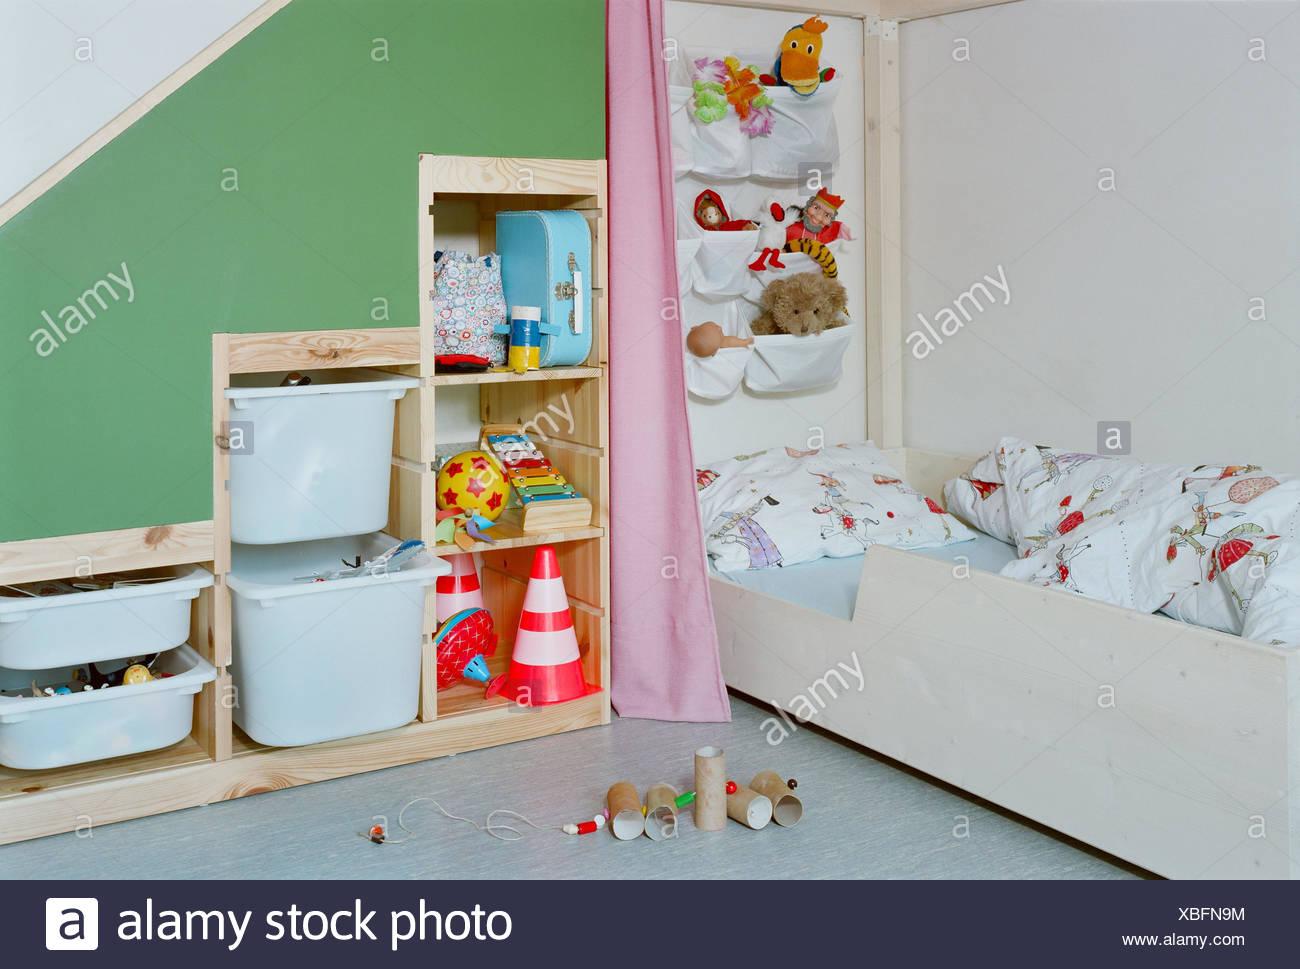 Kinderzimmer, Bett, Regal, Spielzeug, Zimmer, Kind ...